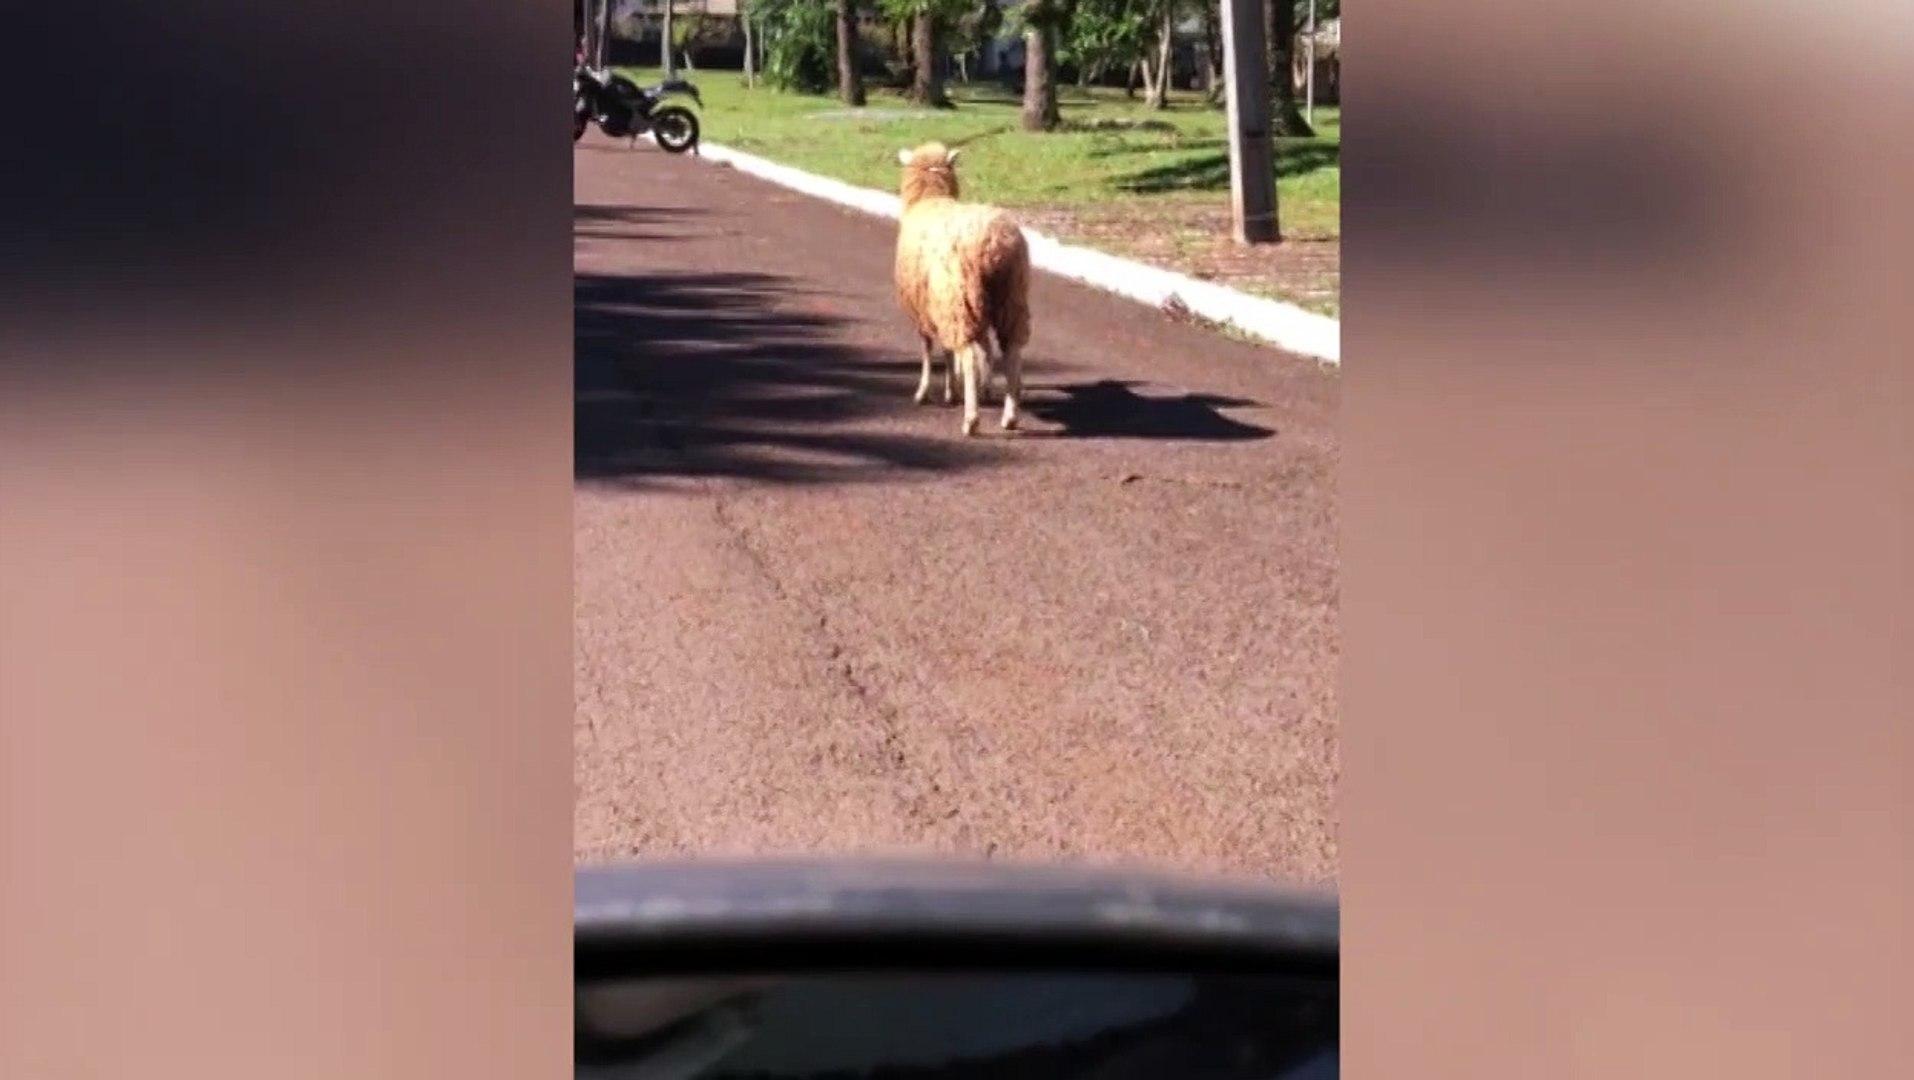 'Passeio' de ovelha no Country chama a atenção de morador